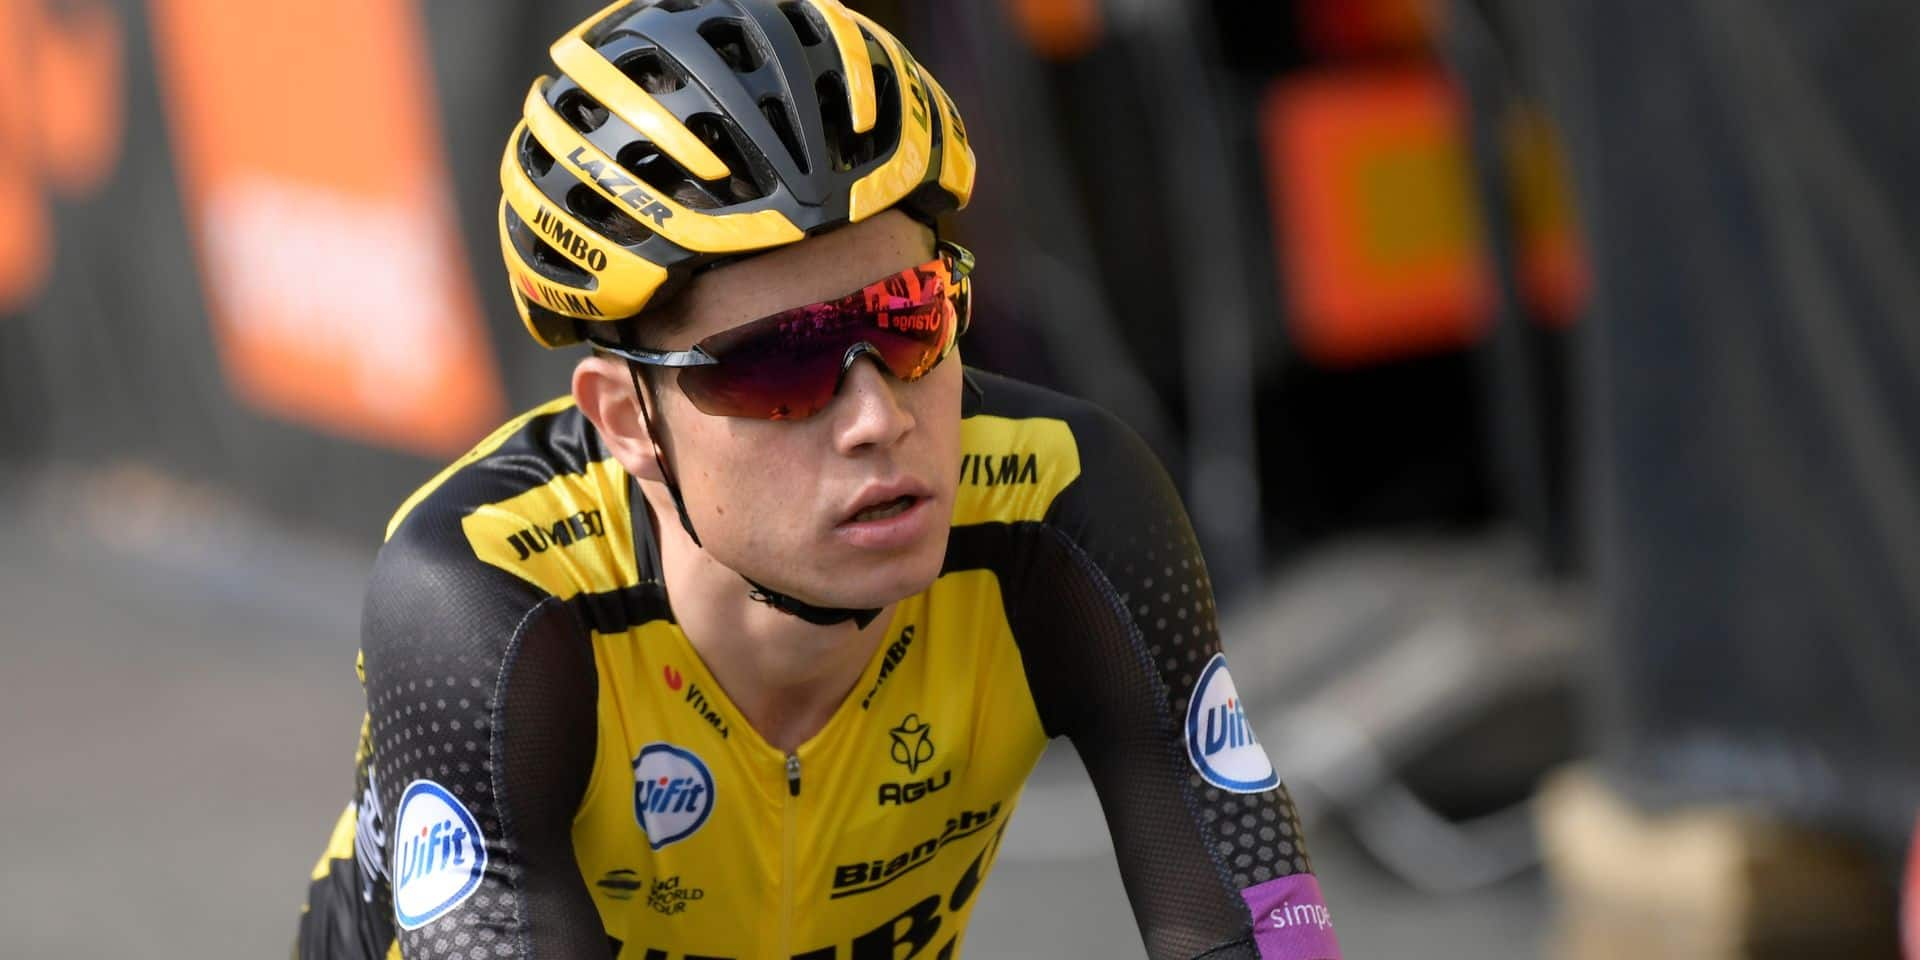 Wout Van Aert n'est pas encore remis de sa chute au Tour et pourrait faire l'impasse sur la saison de cyclo-cross